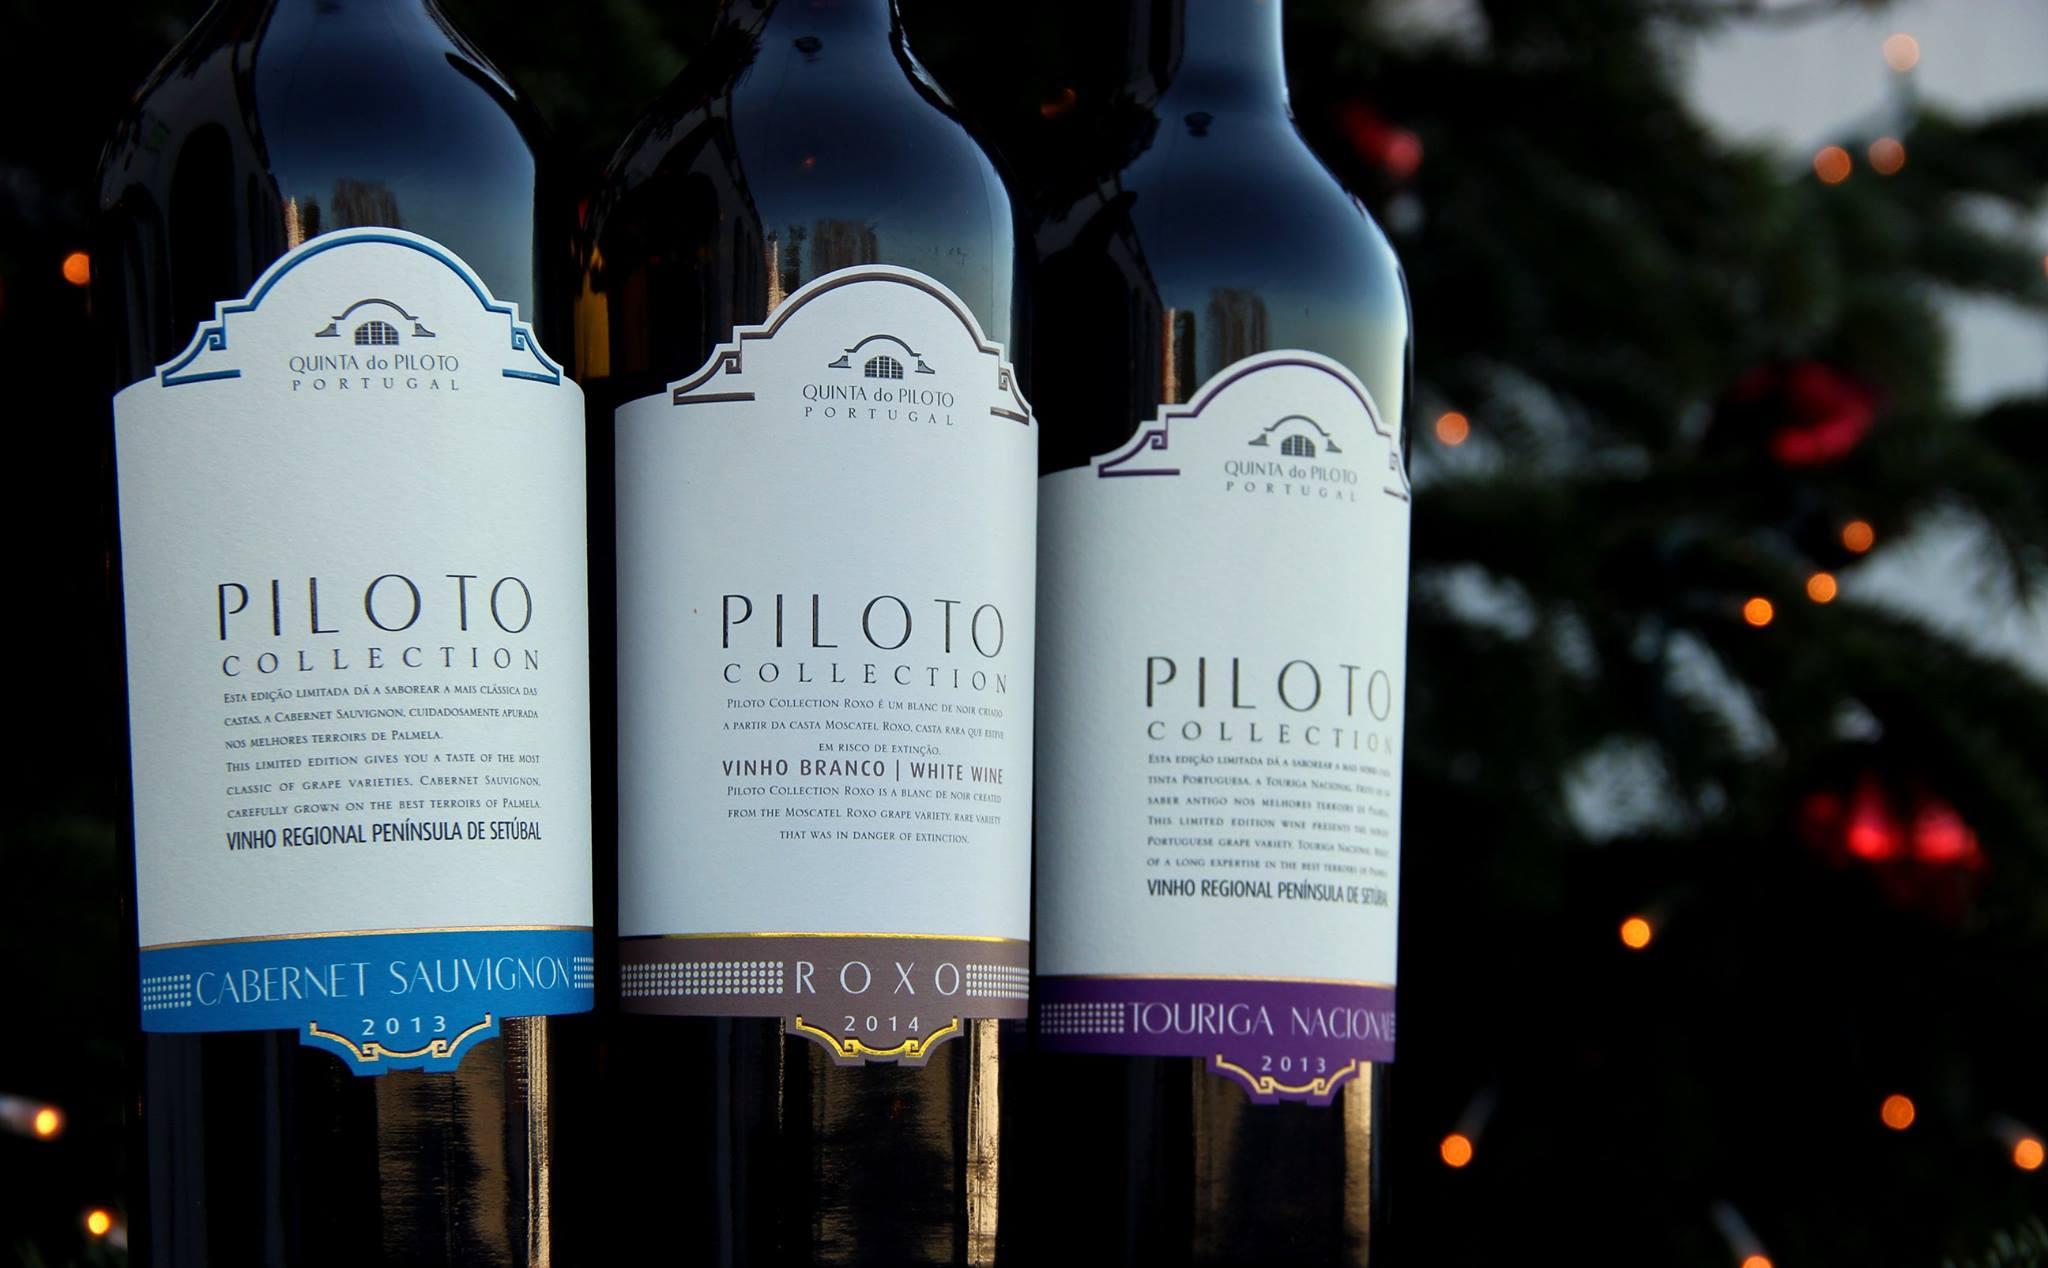 f17ac412f4 A Quinta do Piloto é herdeira da tradição vinícola de quatro gerações da  família Cardoso em Palmela. Os seus vinhos são fruto de lotes escolhidos  entre 200 ...